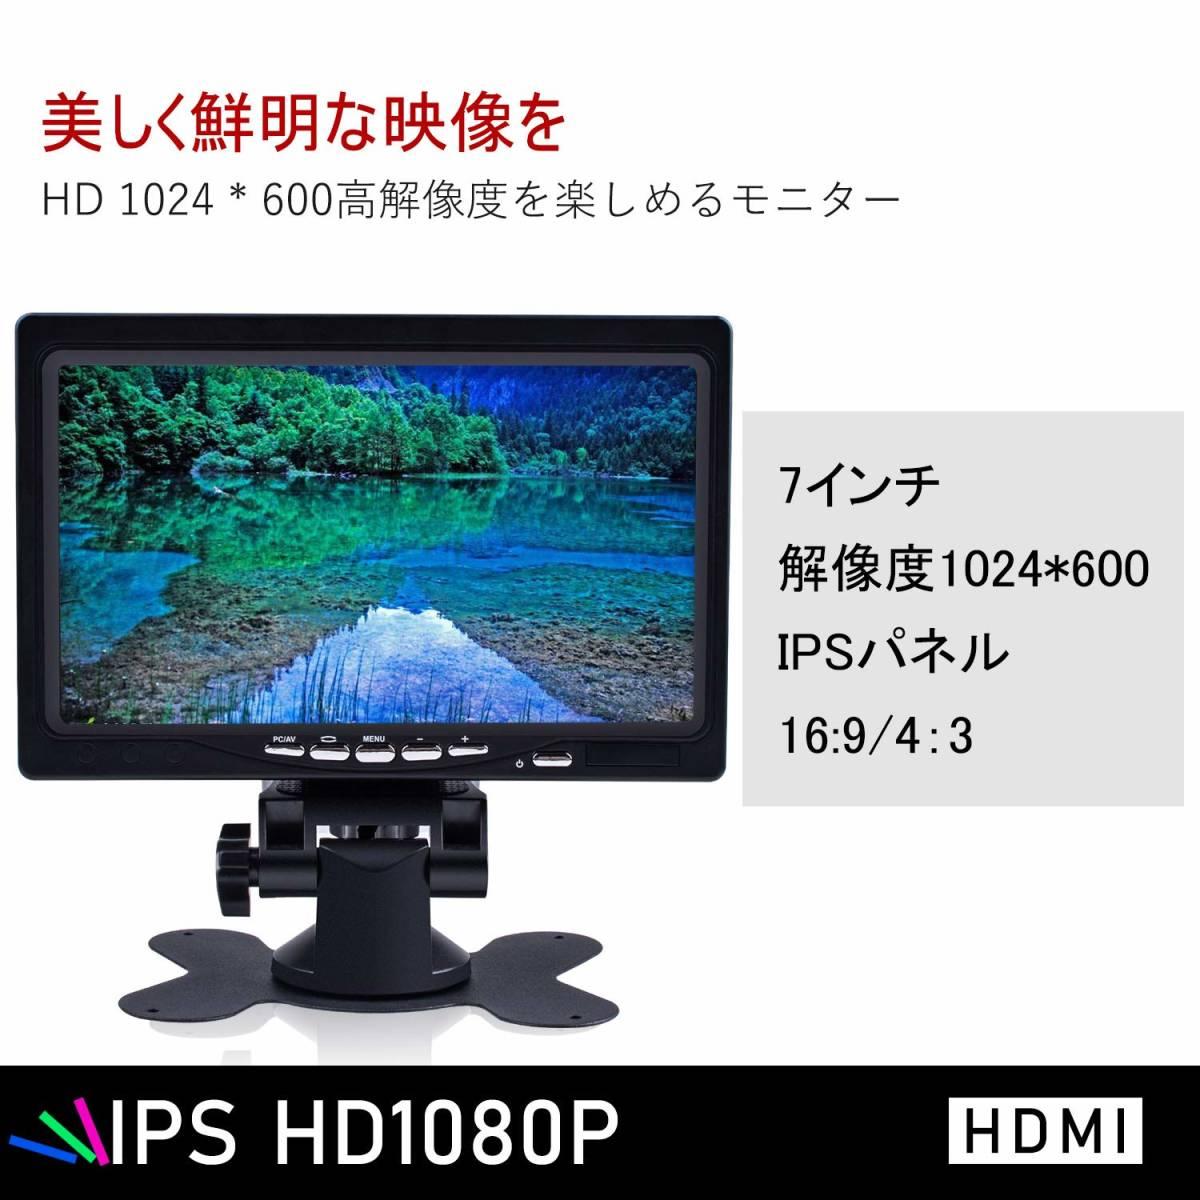 7インチ モニター 小型 1024*600高解像度 HDMI VGA AVポート TFT LED CCTV IPSパネル PCディスプレイ スピーカー内蔵 リモコン 新品未使用_画像3